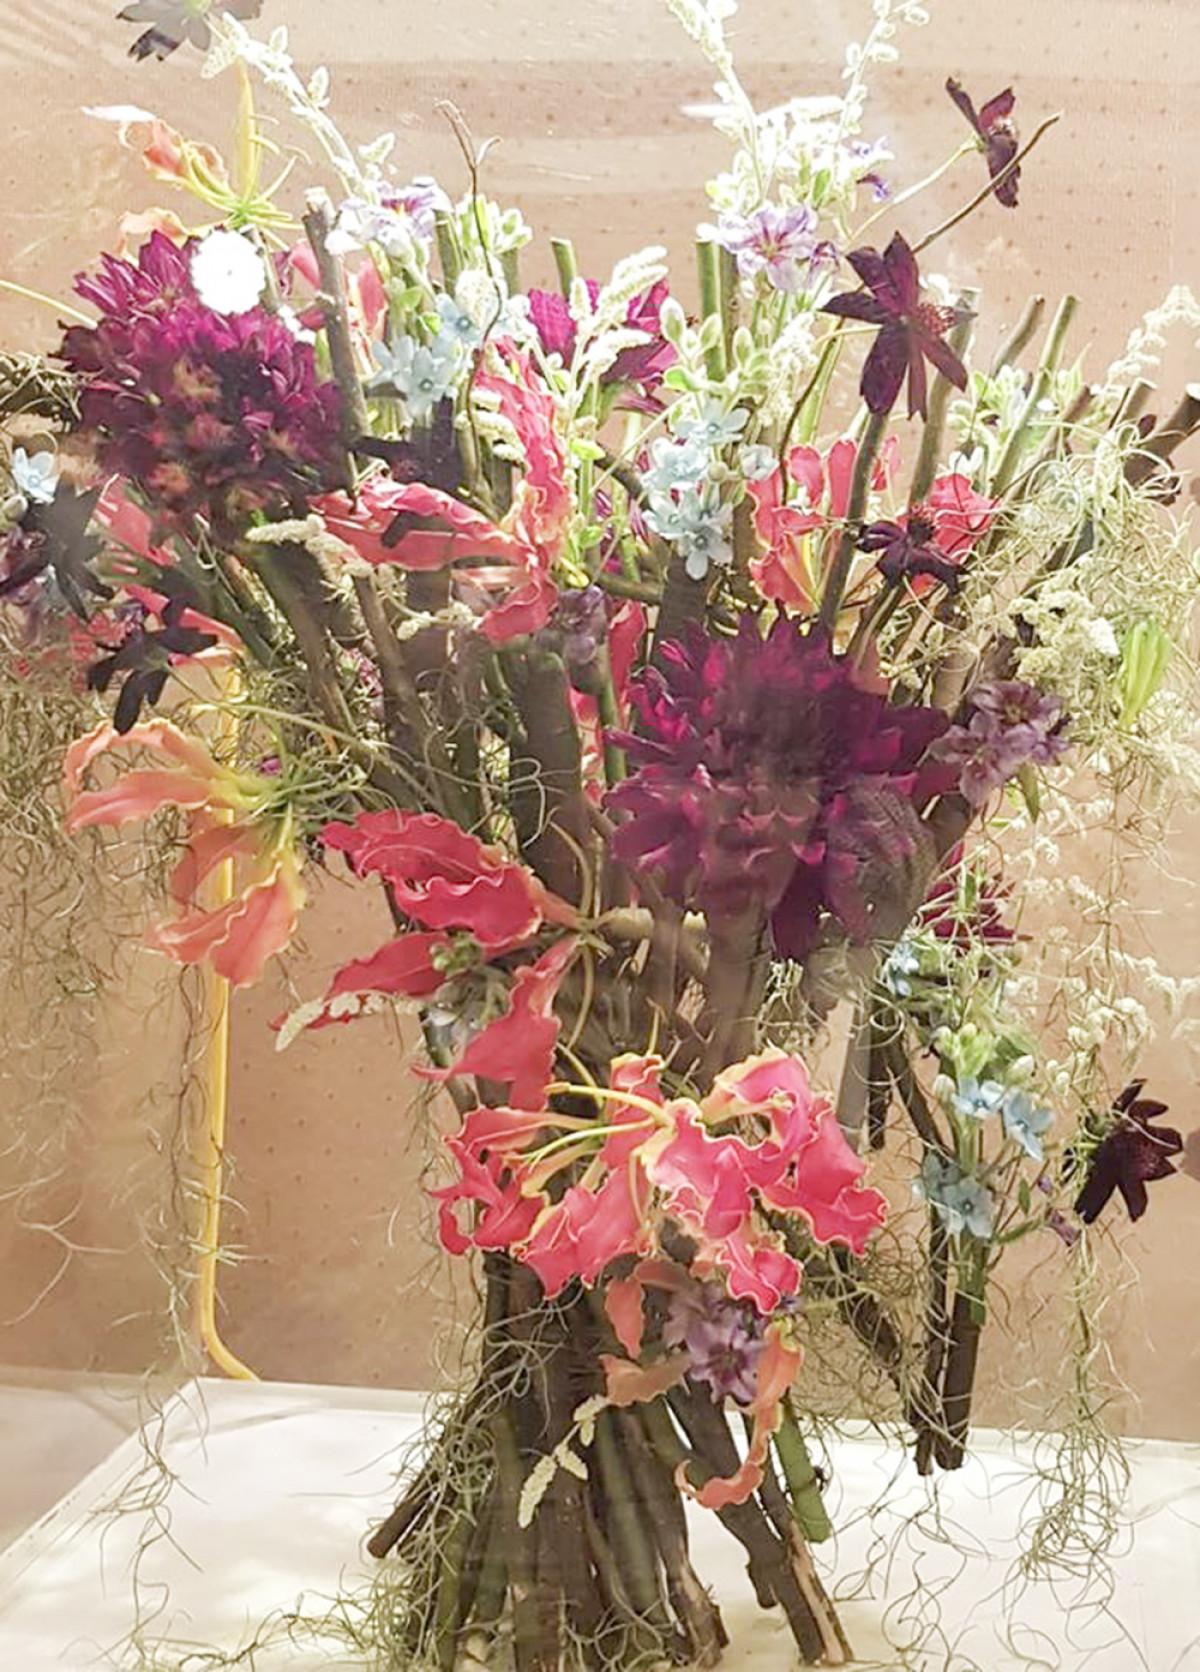 6. Điểm độc đáo của tác phẩm này là không cần sử dụng bình hay bát cắm hoa vẫn có thể tạo thành một bình hoa rực rỡ.